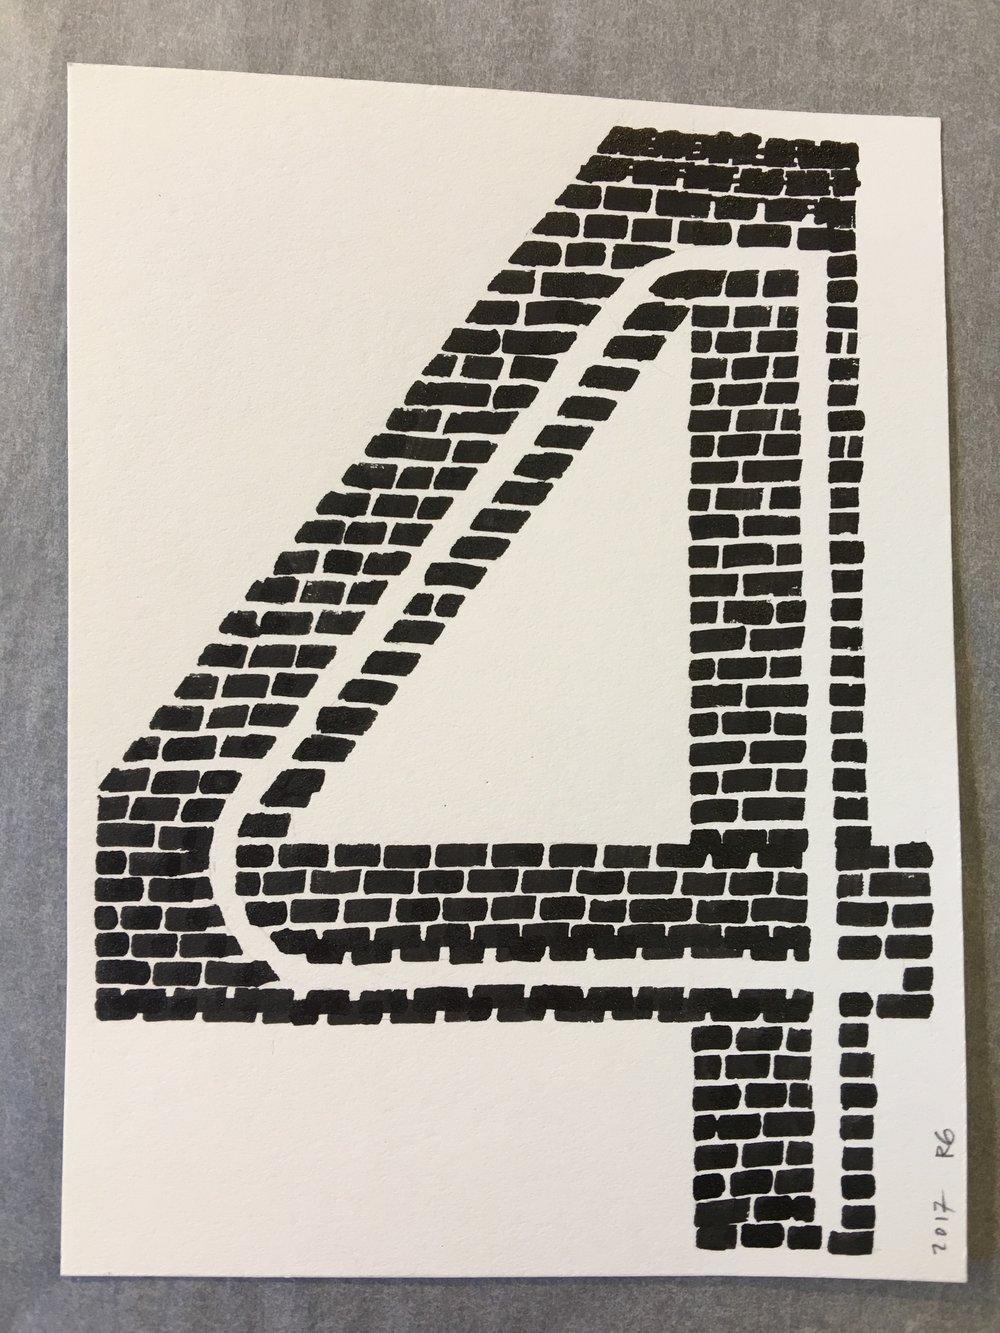 Number Series_04.JPG